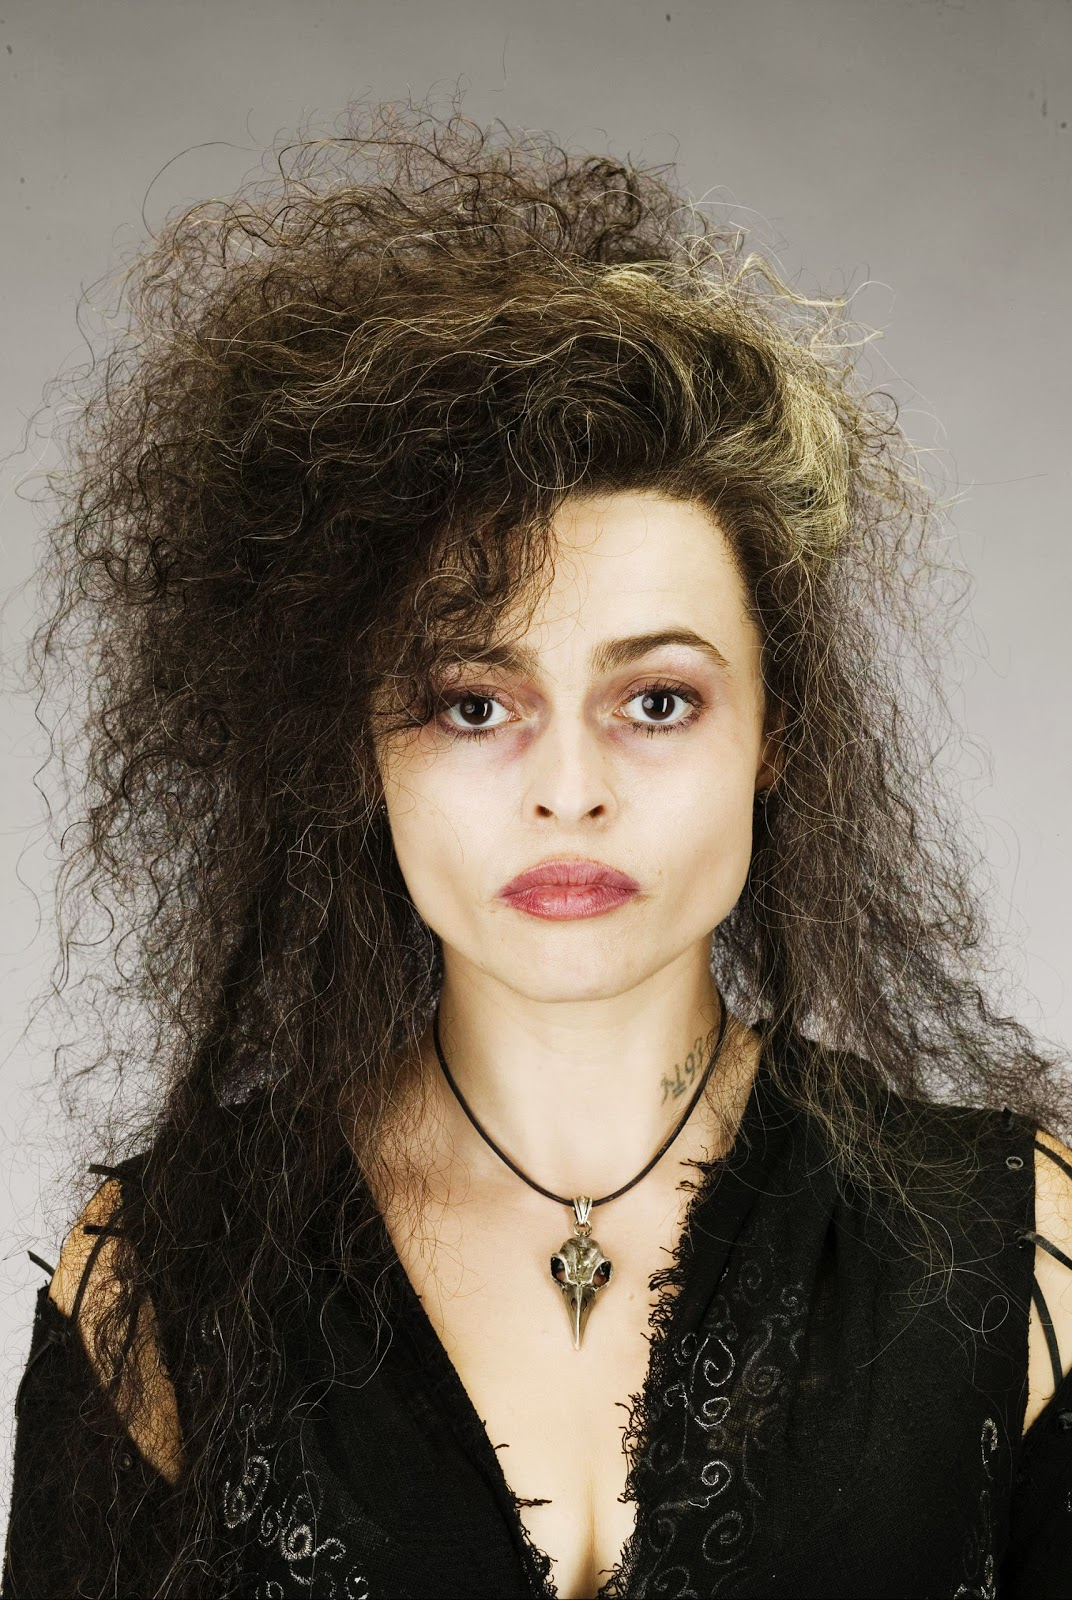 [Image: Bellatrix_Lestrange_%2528n%25C3%25A9e_Black%2529.jpg]